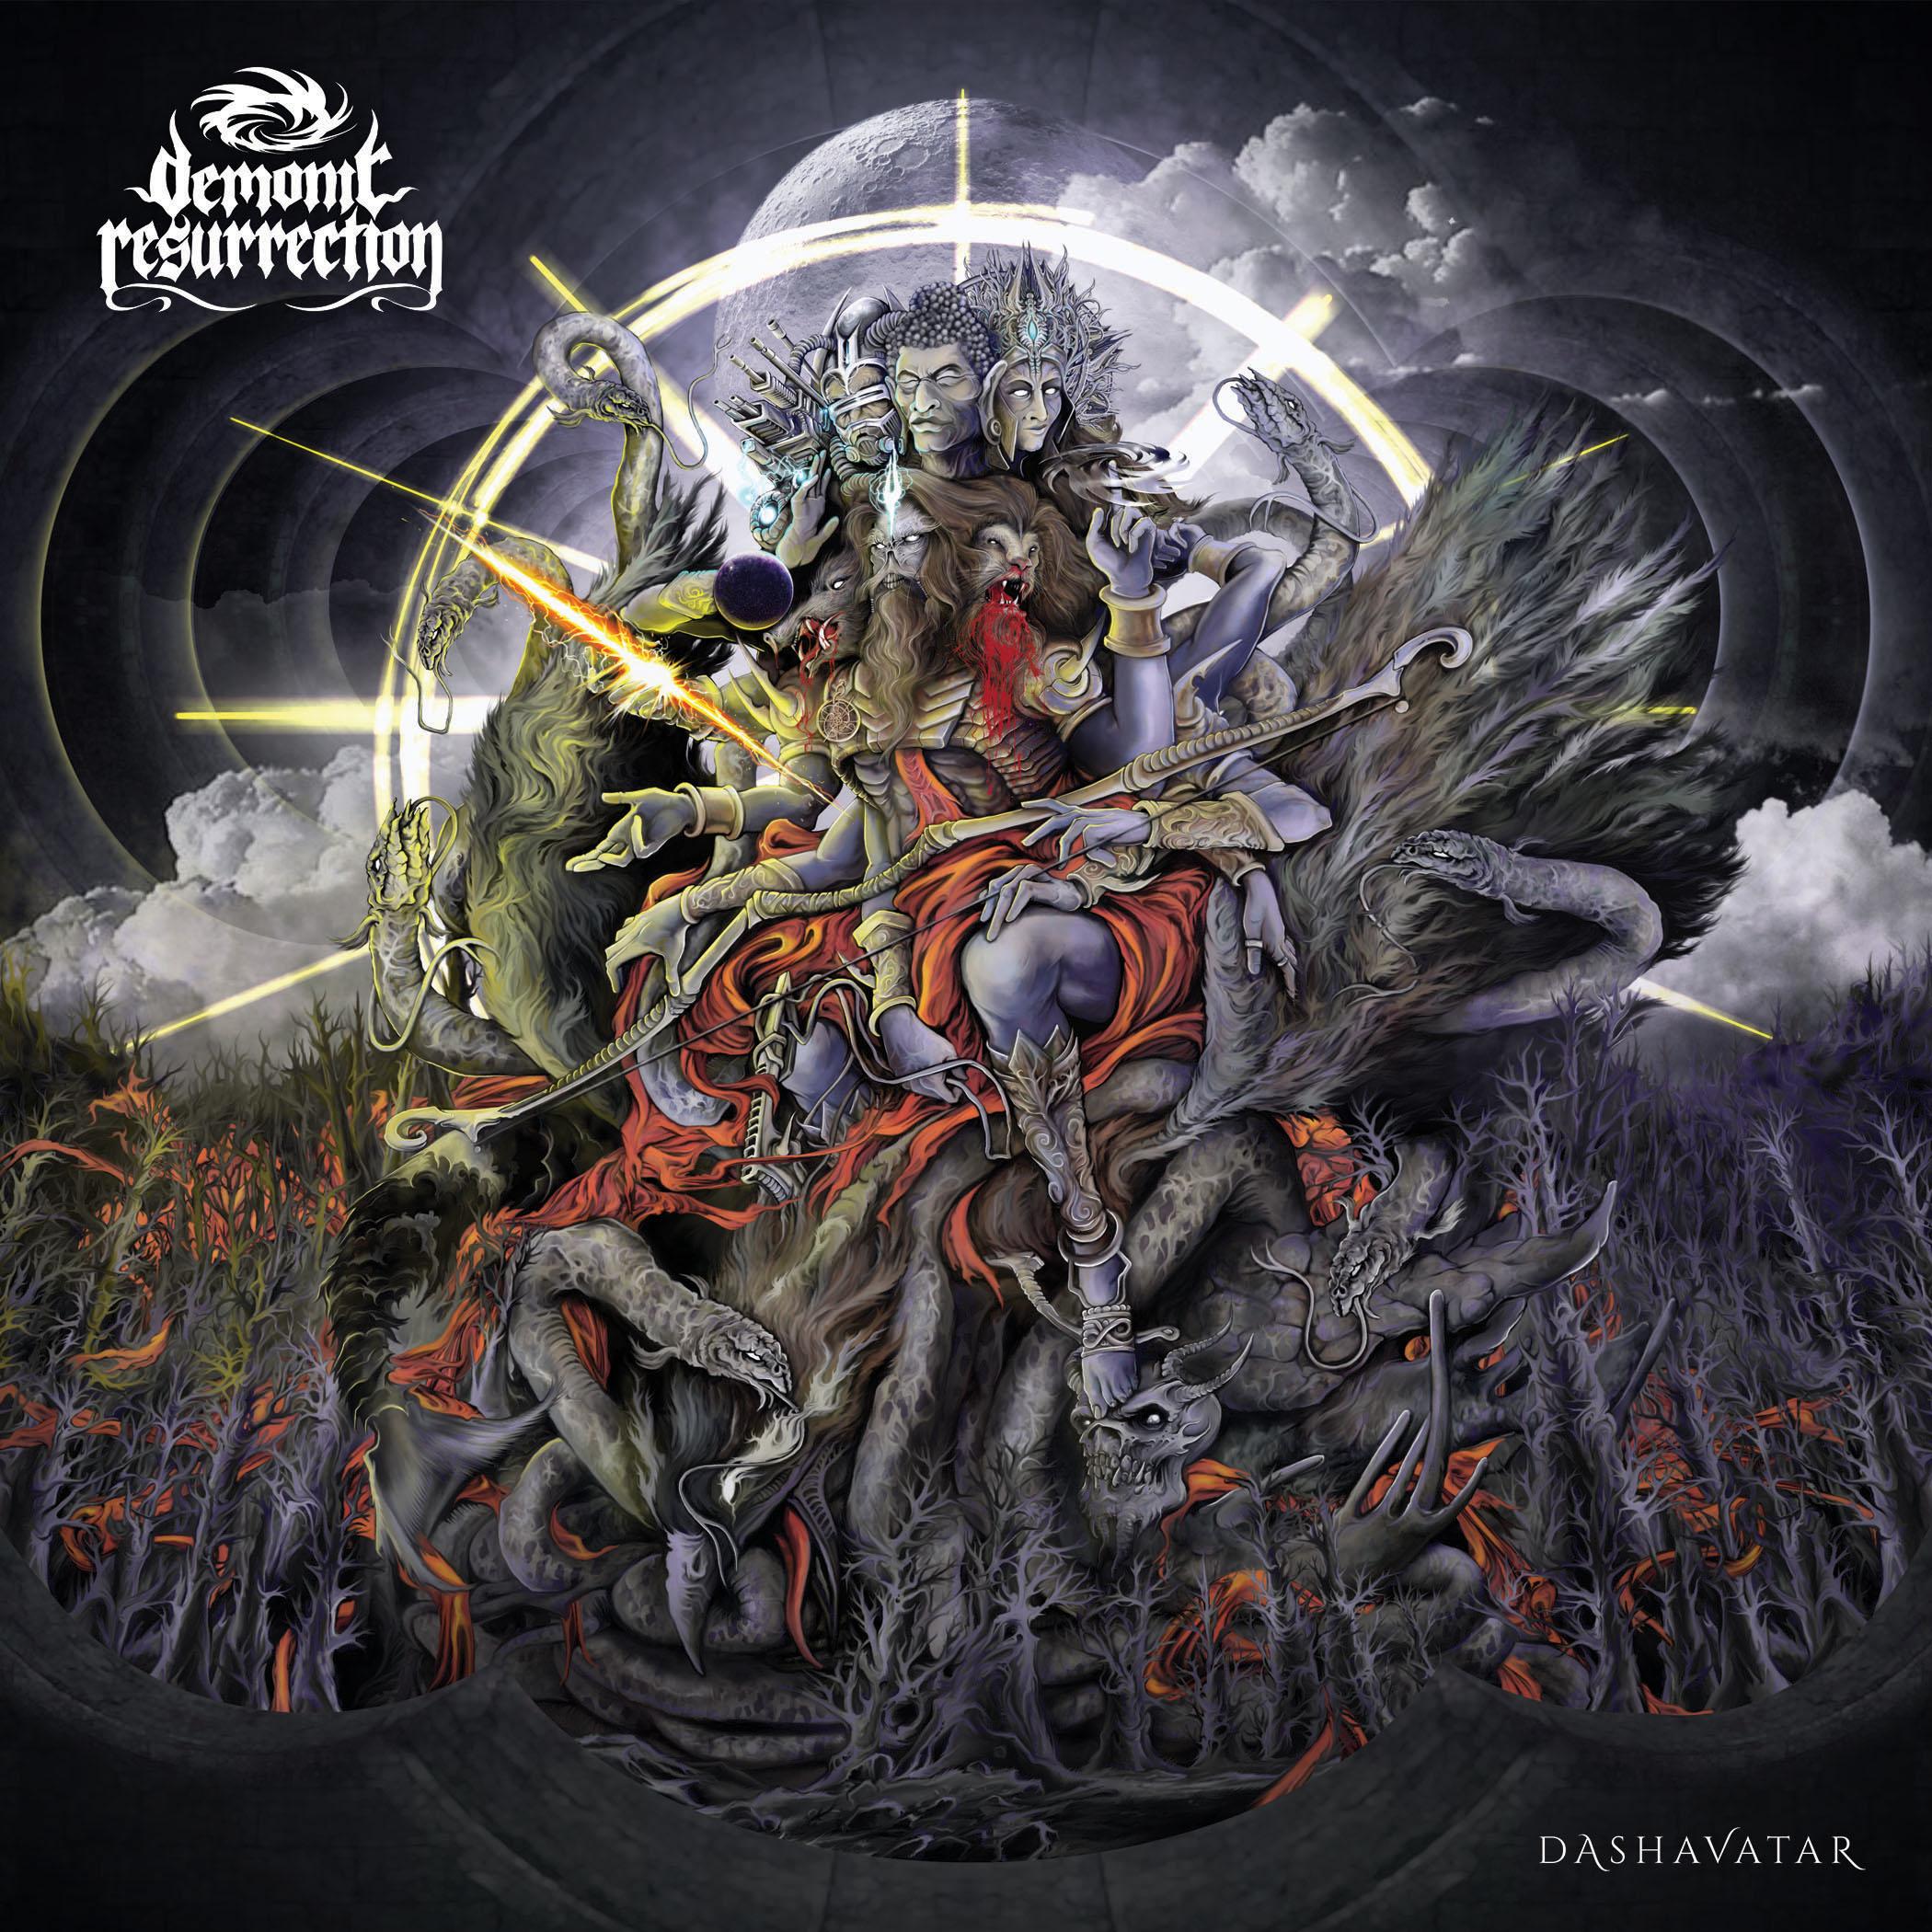 demonic-resurrection-dashavatar